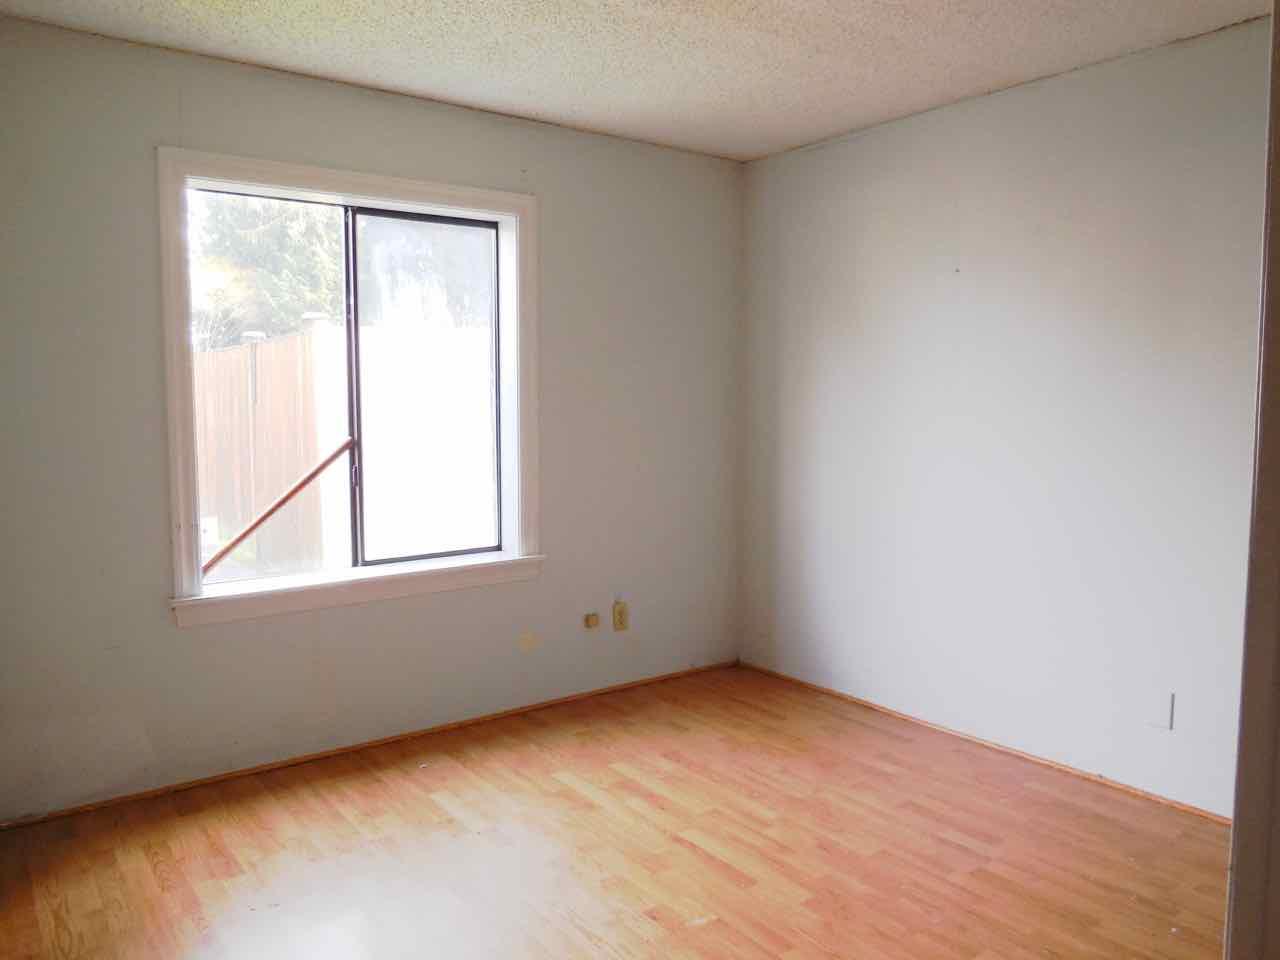 561-820190 bedrooms (1)